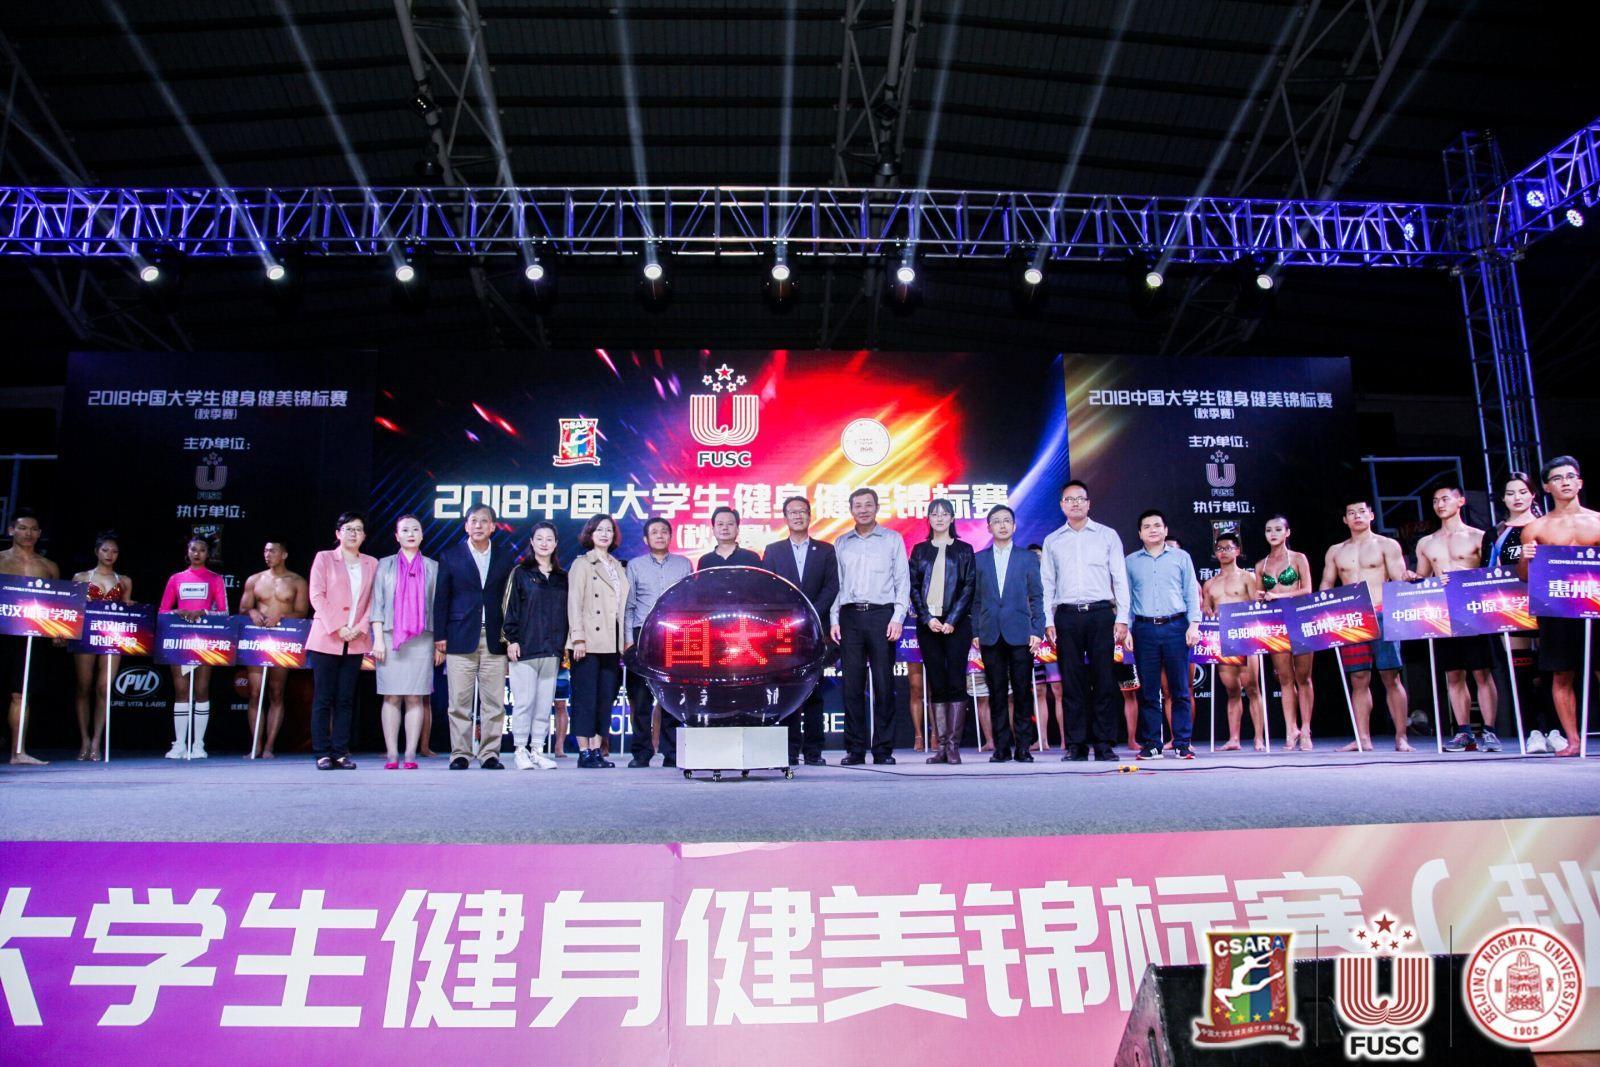 2018中国大学生健身健美锦标赛在珠海开幕